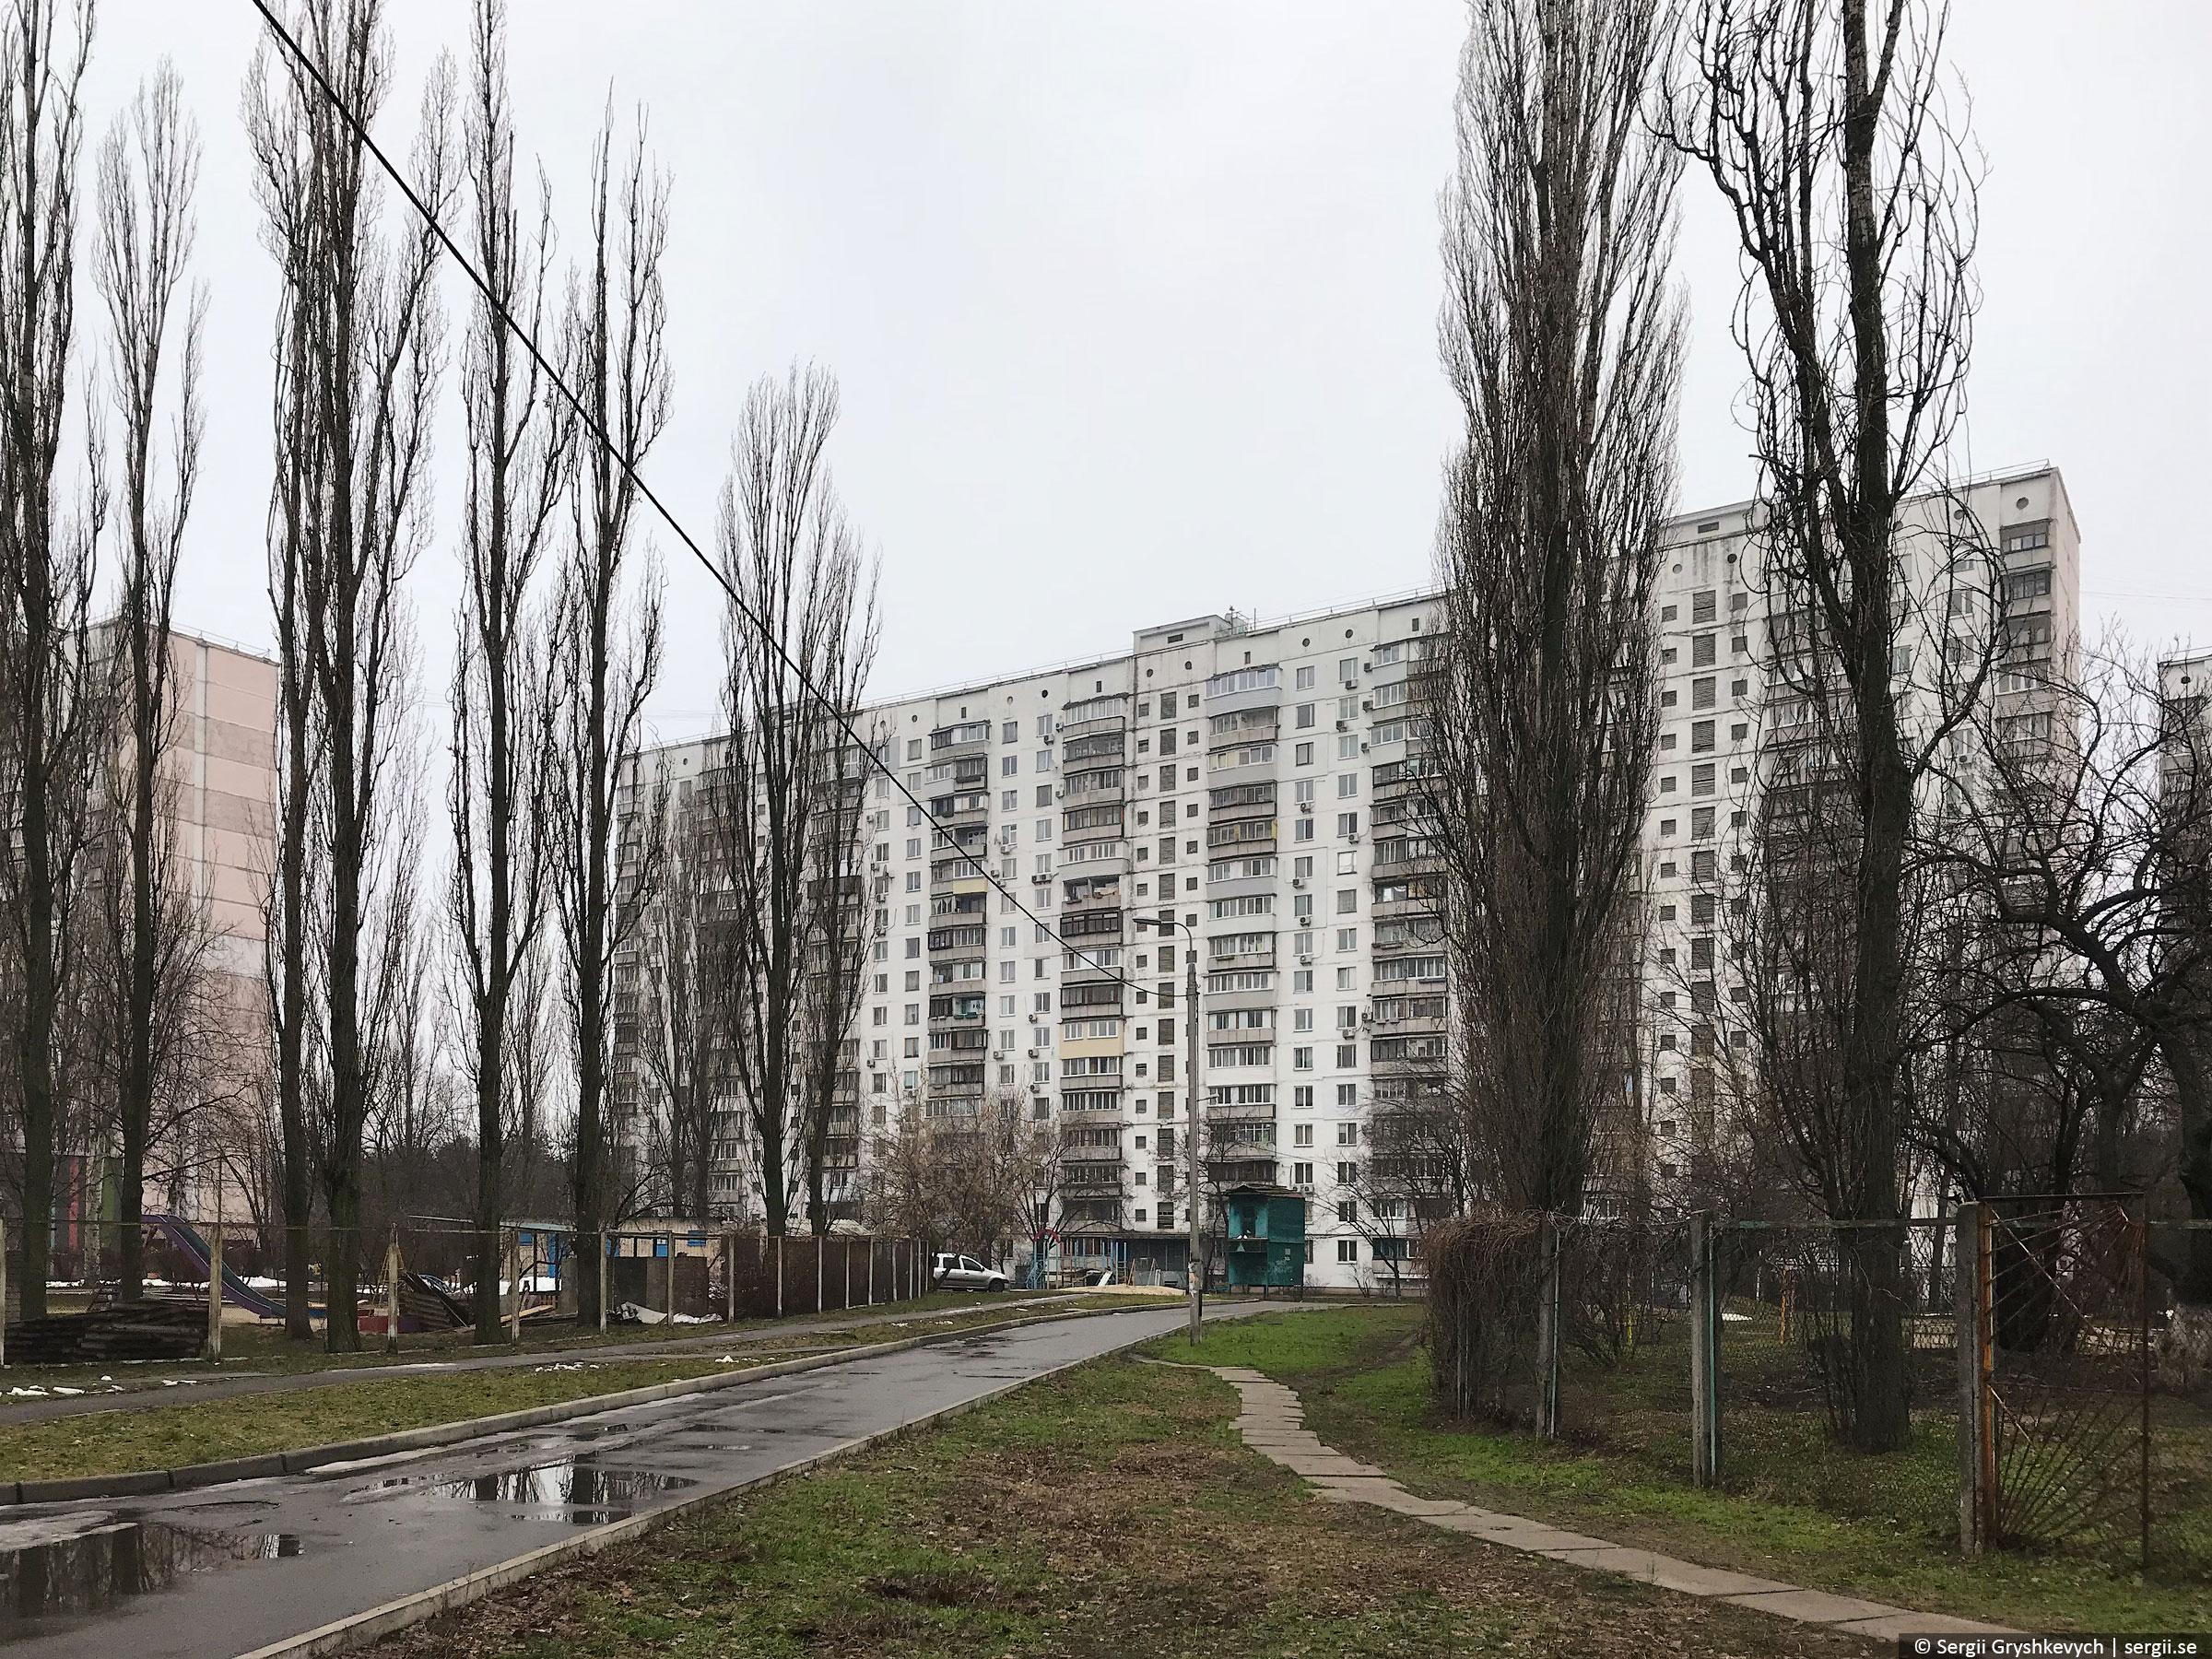 kyiv-darnytsia-livoberezhna-19